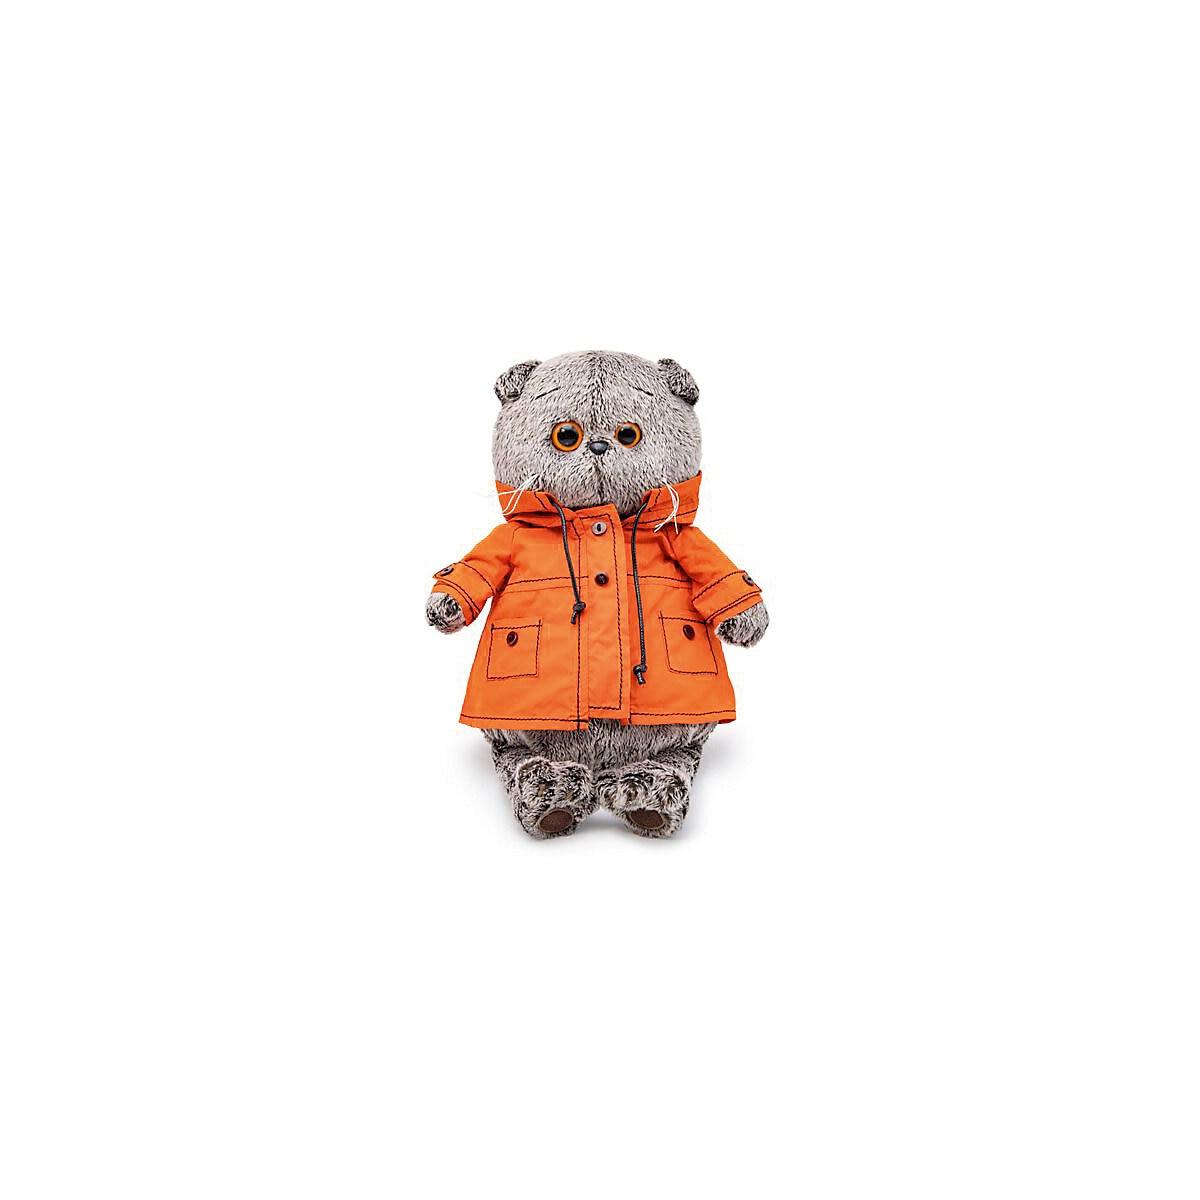 Animales de peluche y felpa 11091227 juguete para niños y niñas juguetes suaves para bebé MTpromo